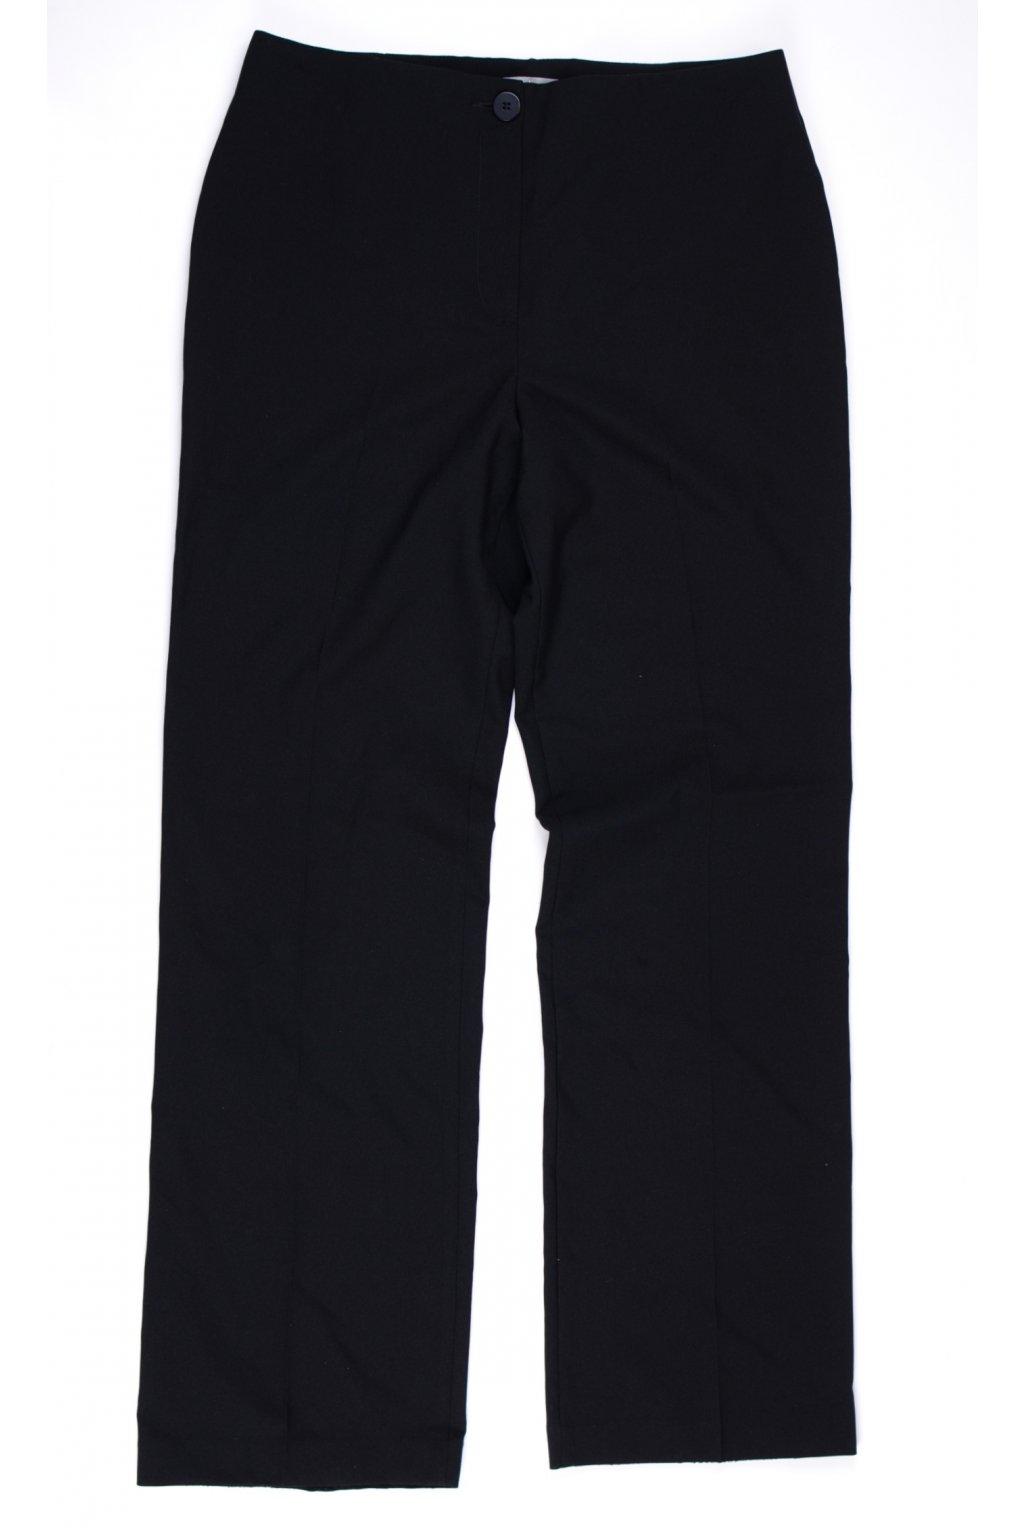 Kalhoty M&S Woman vel M/UK12 černé formální